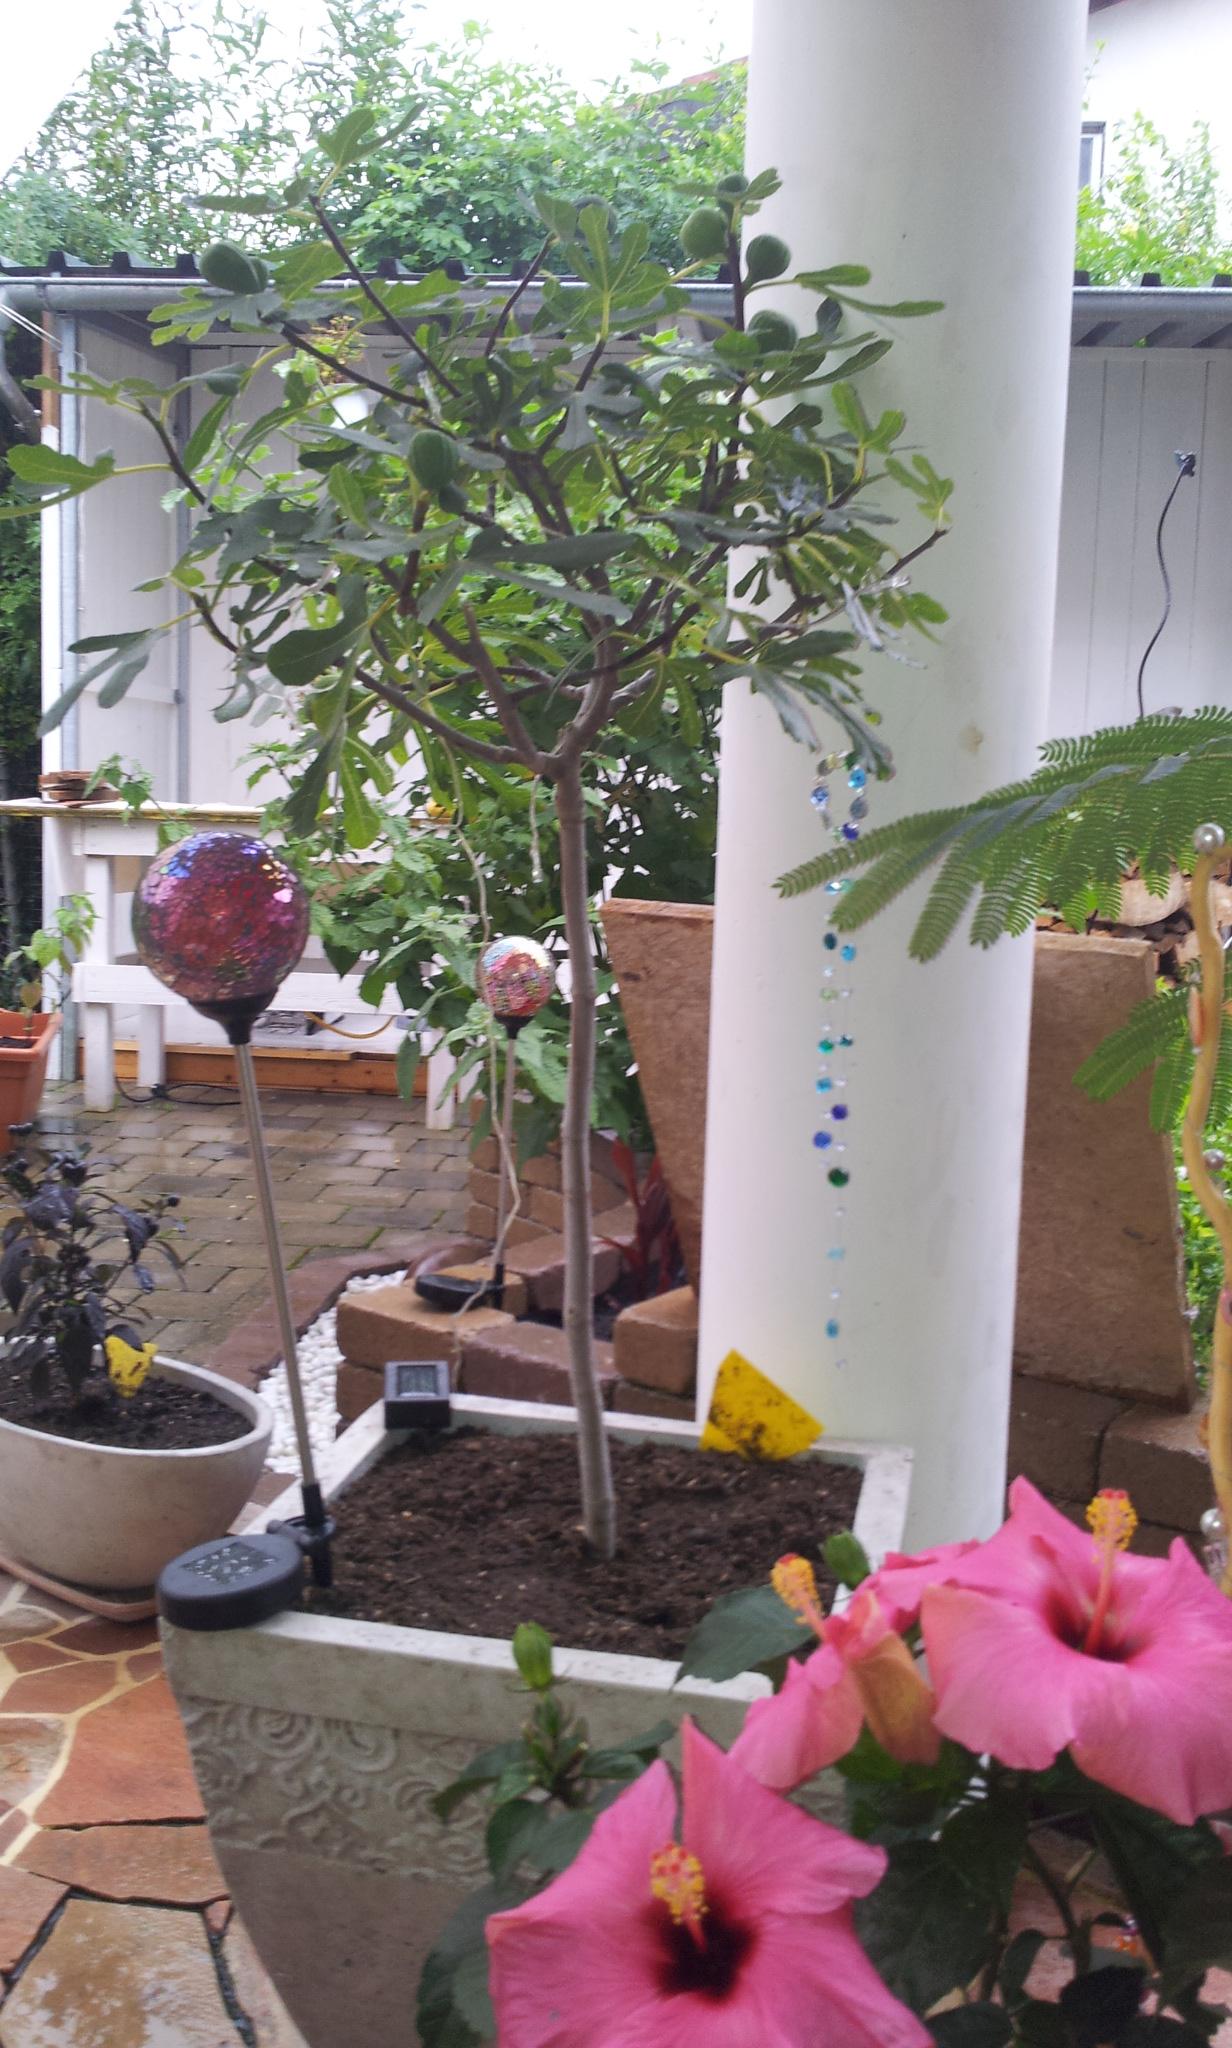 kennt jemand diese feigensorte essbare feigen ficus carica pflanzenbestimmung. Black Bedroom Furniture Sets. Home Design Ideas